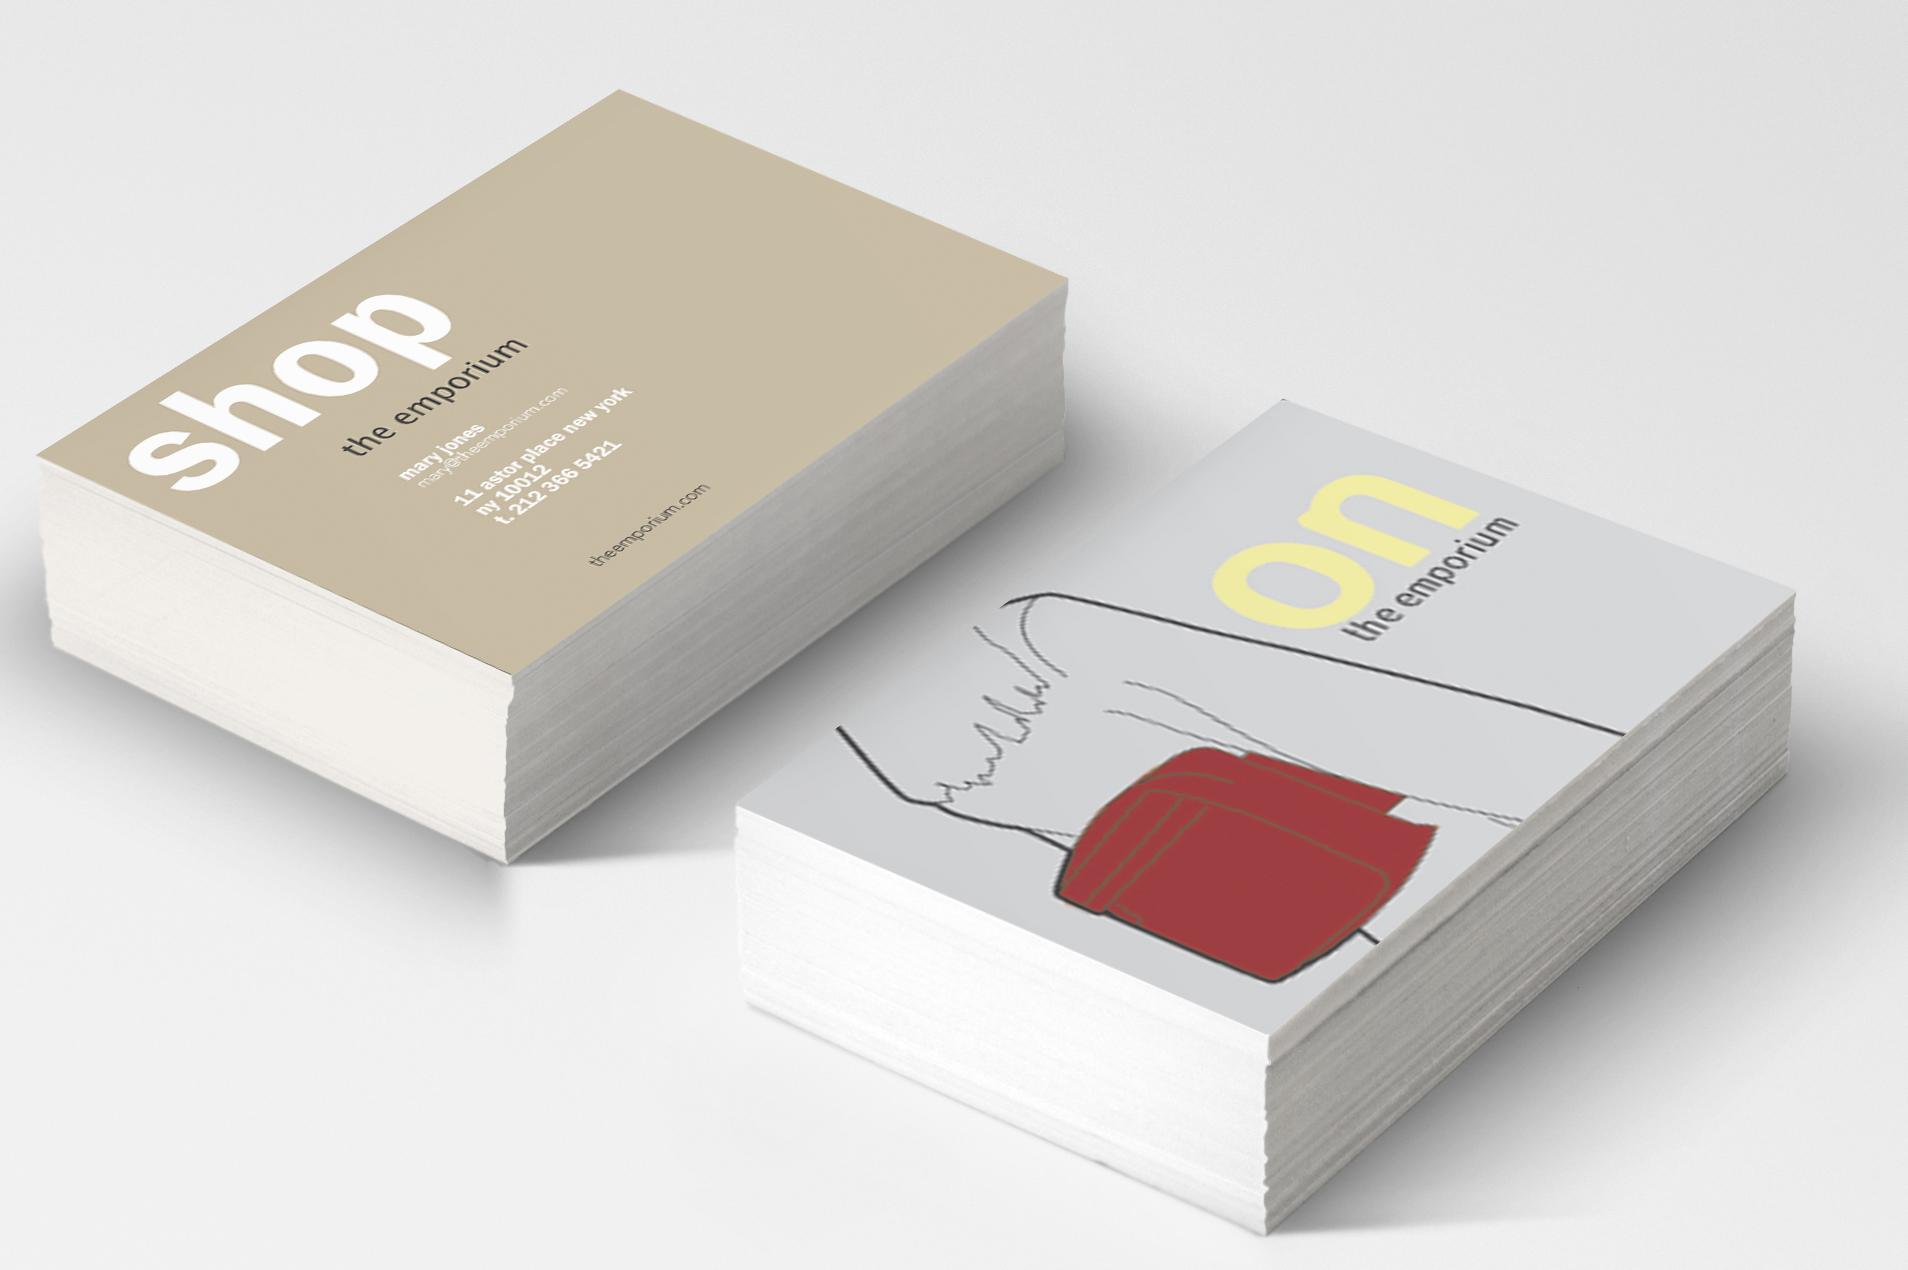 Emporium Business cards 3 - Copy.jpg